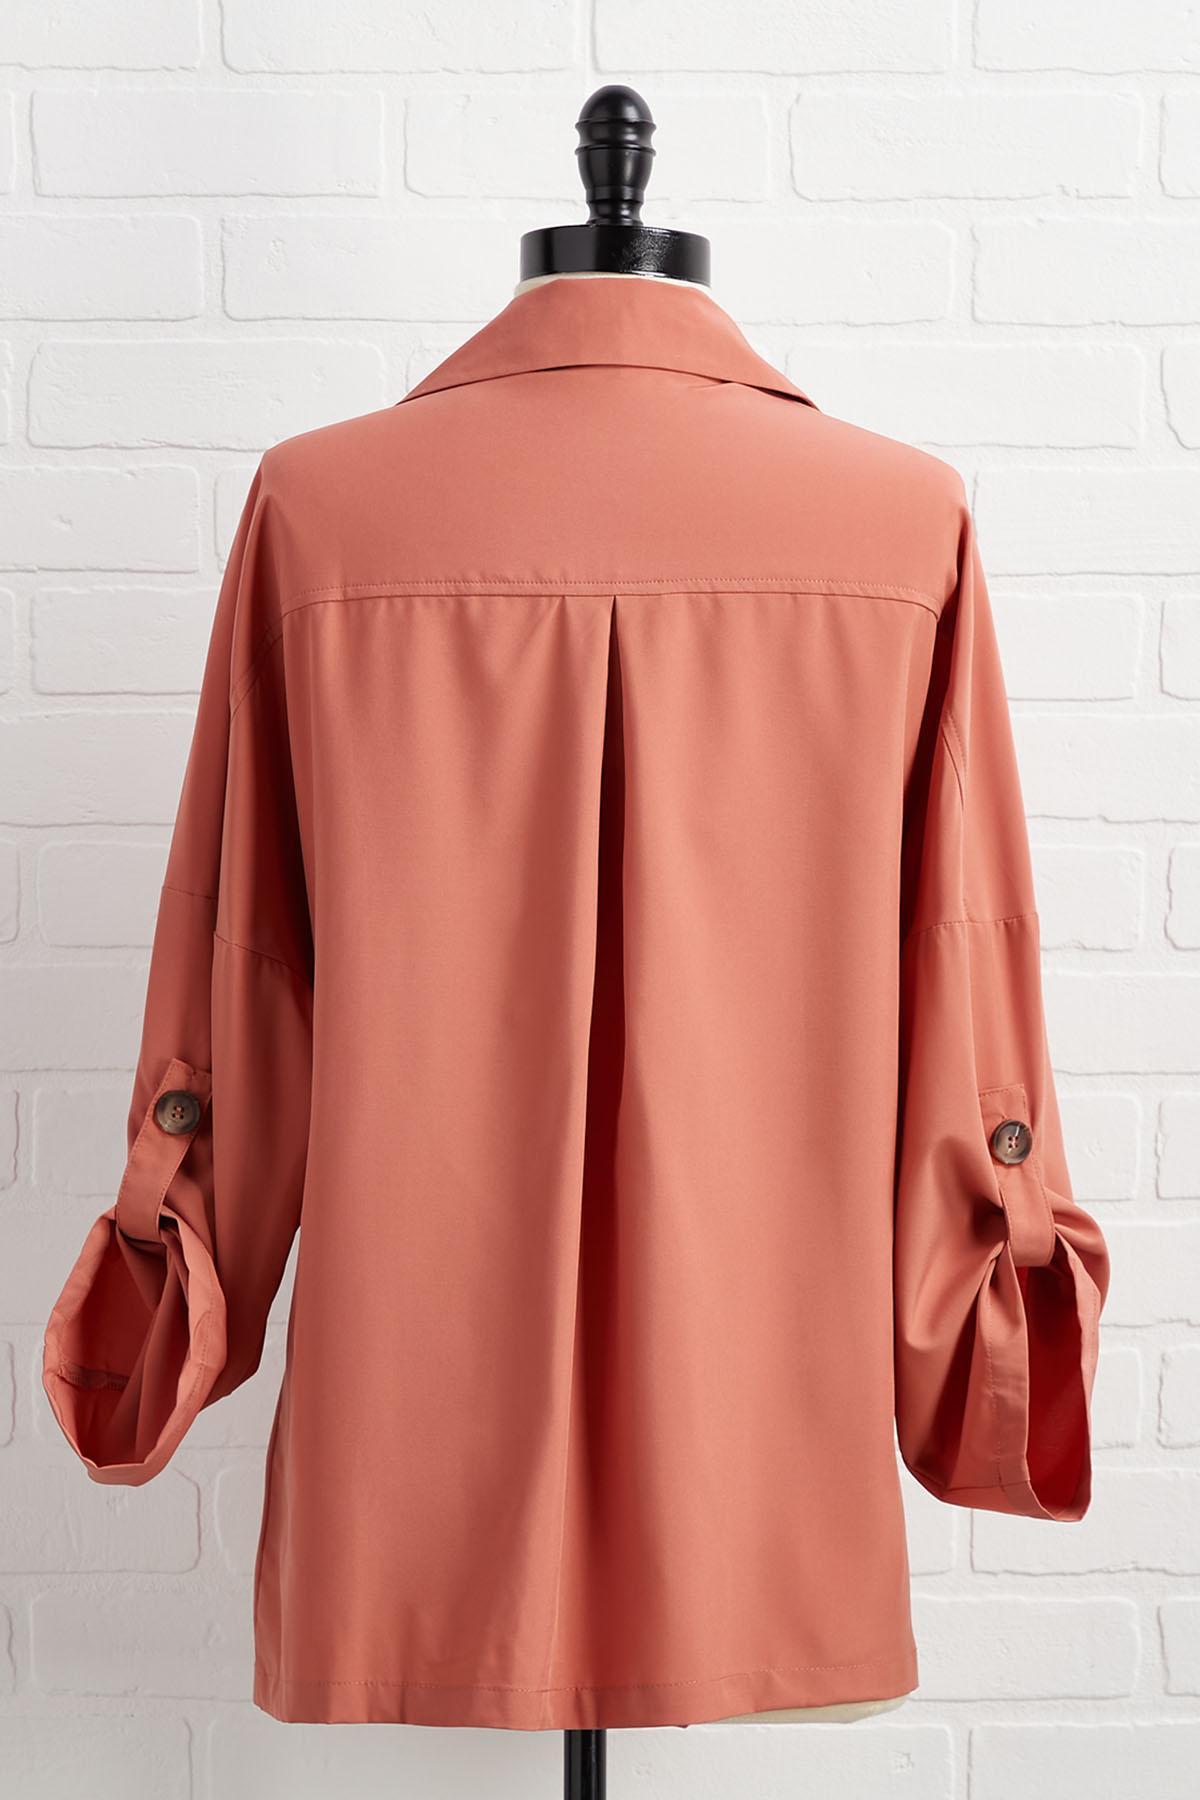 See Ya Layer Jacket